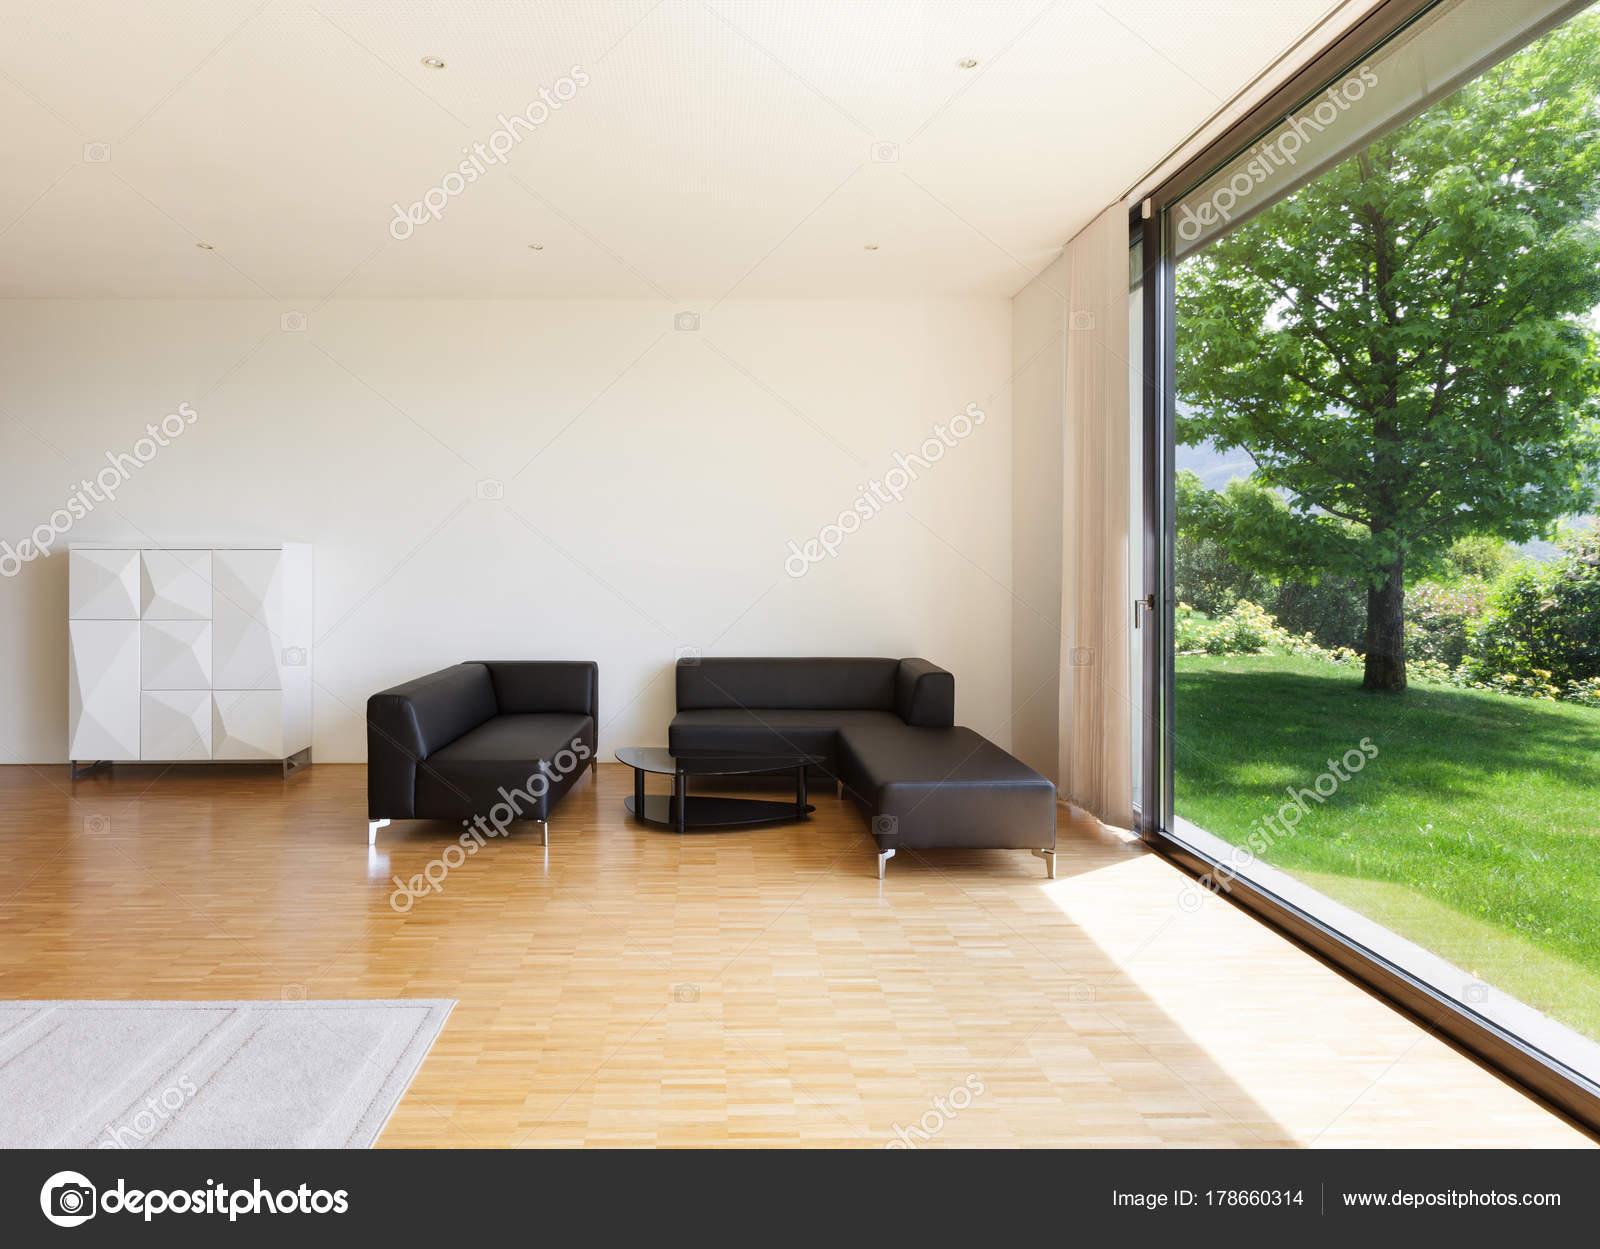 Haus, großes Wohnzimmer — Stockfoto © Zveiger #178660314